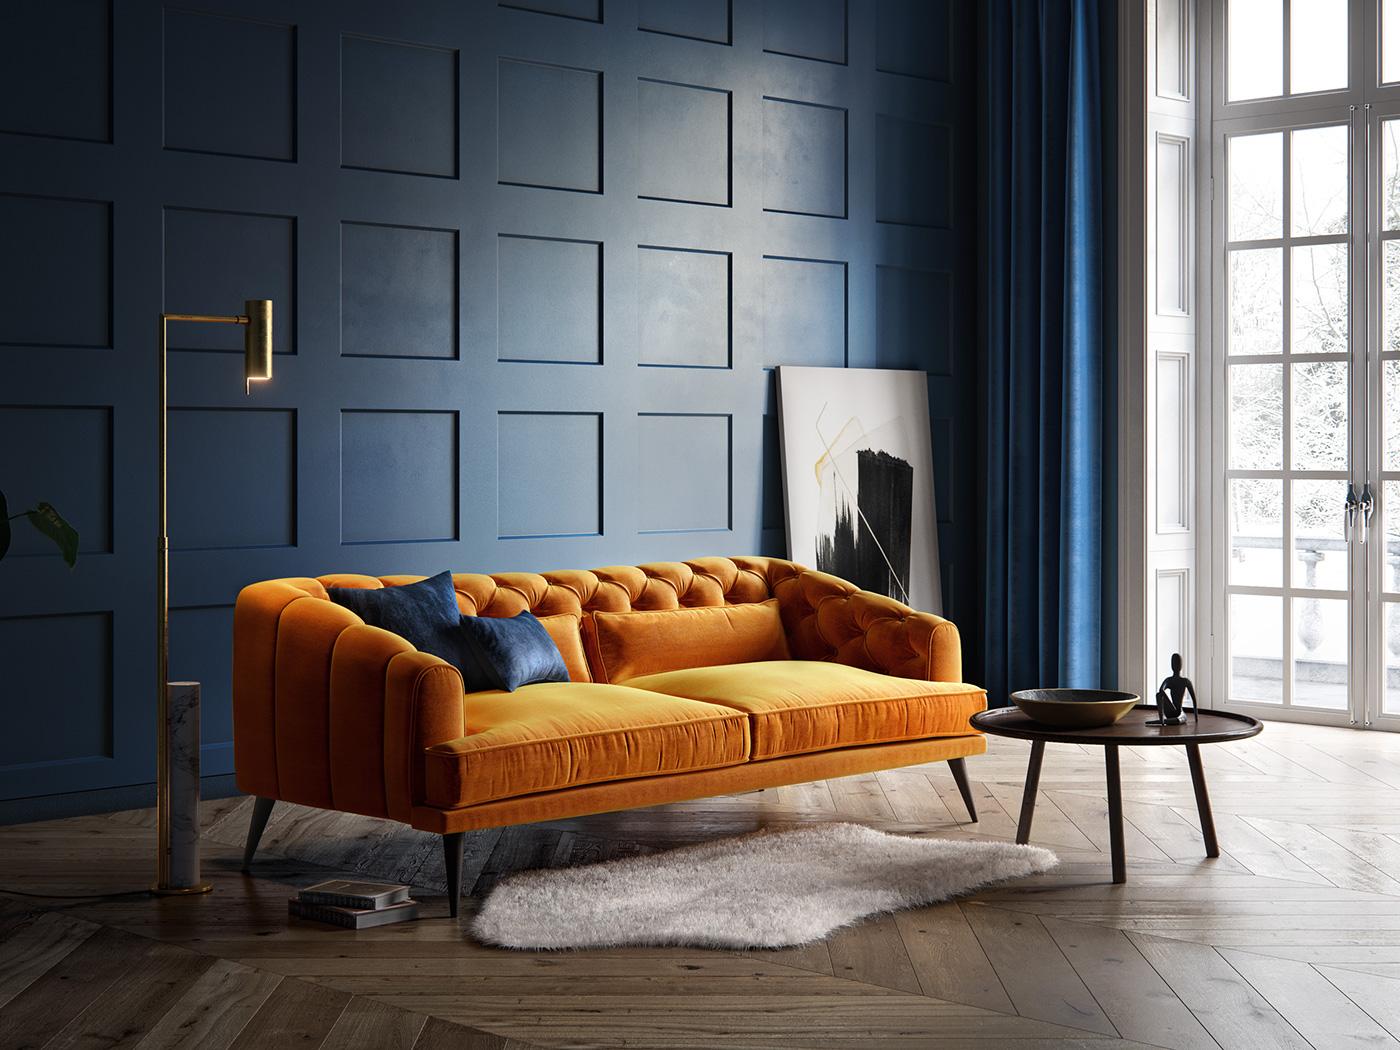 Best Furniture Designers, Furniture Designs Services In